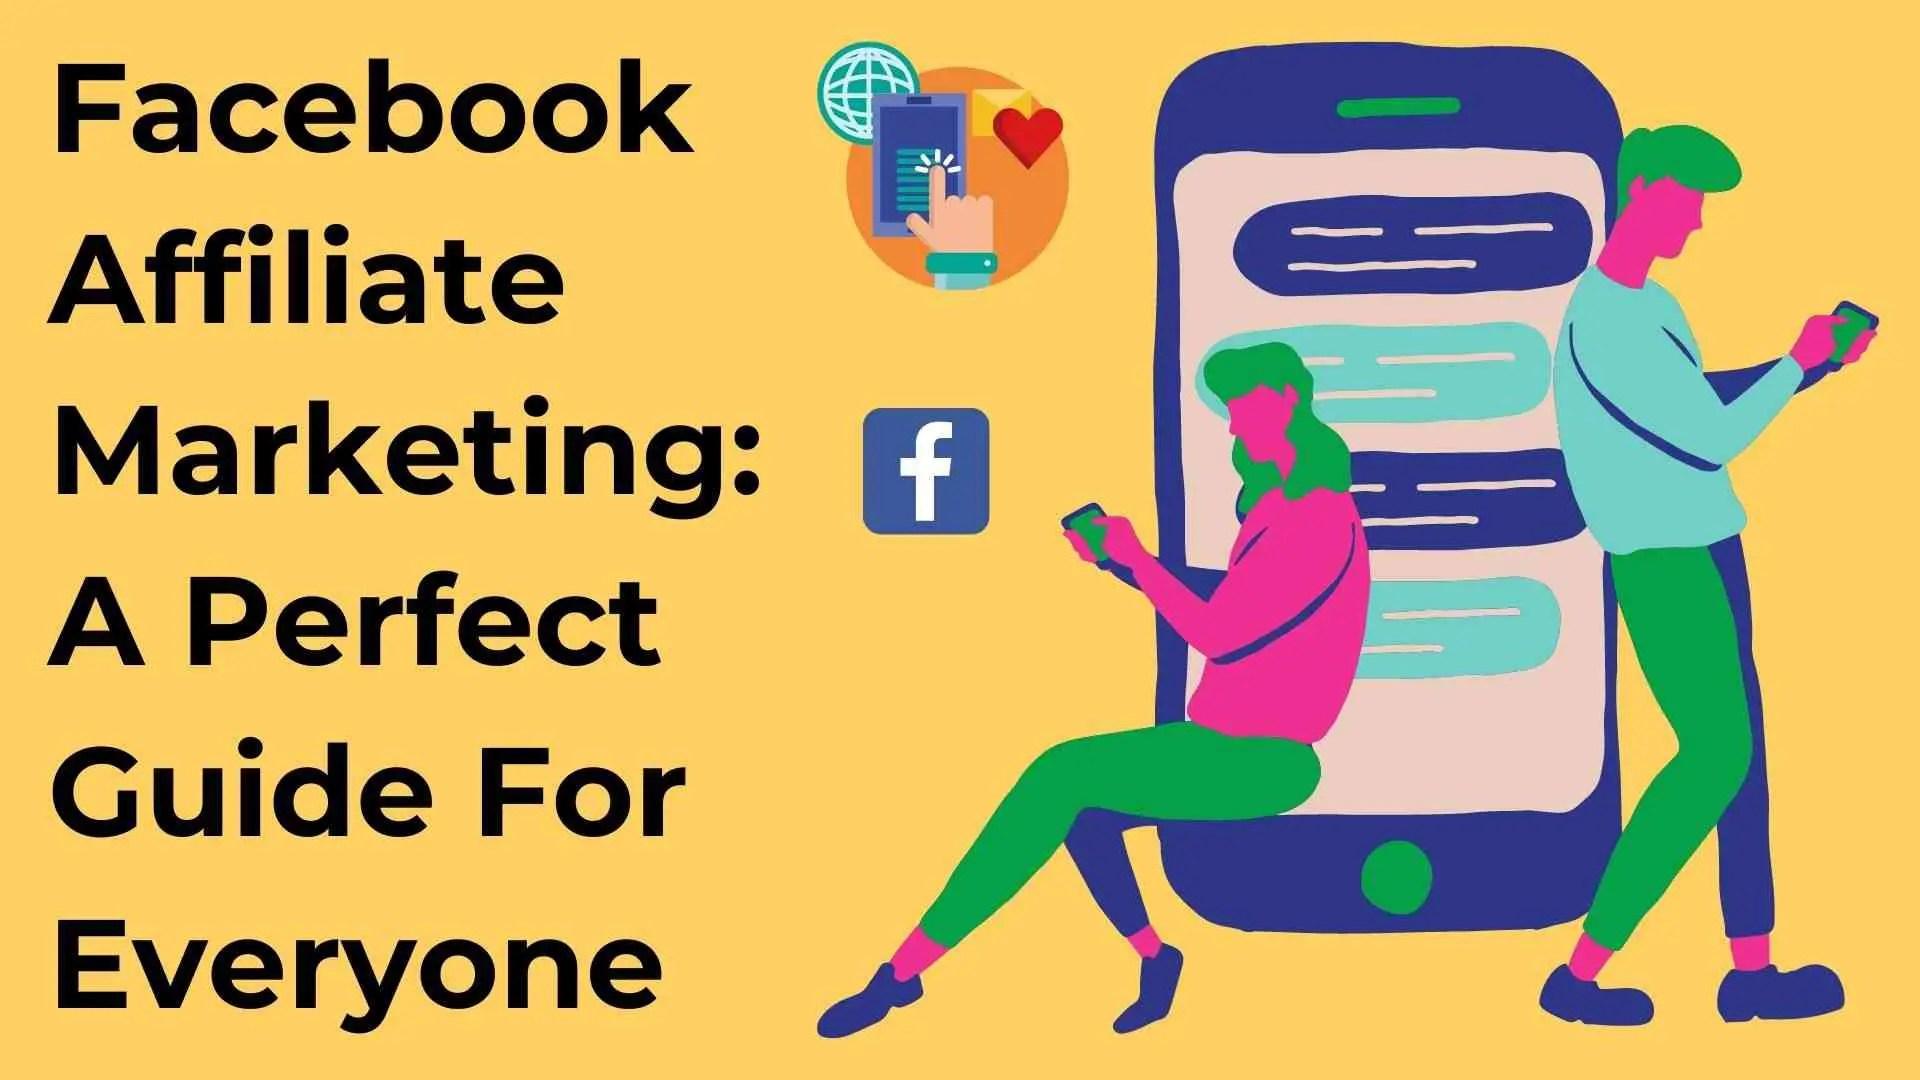 facebook affiliate marketing: how to do affiliate marketing on Facebook